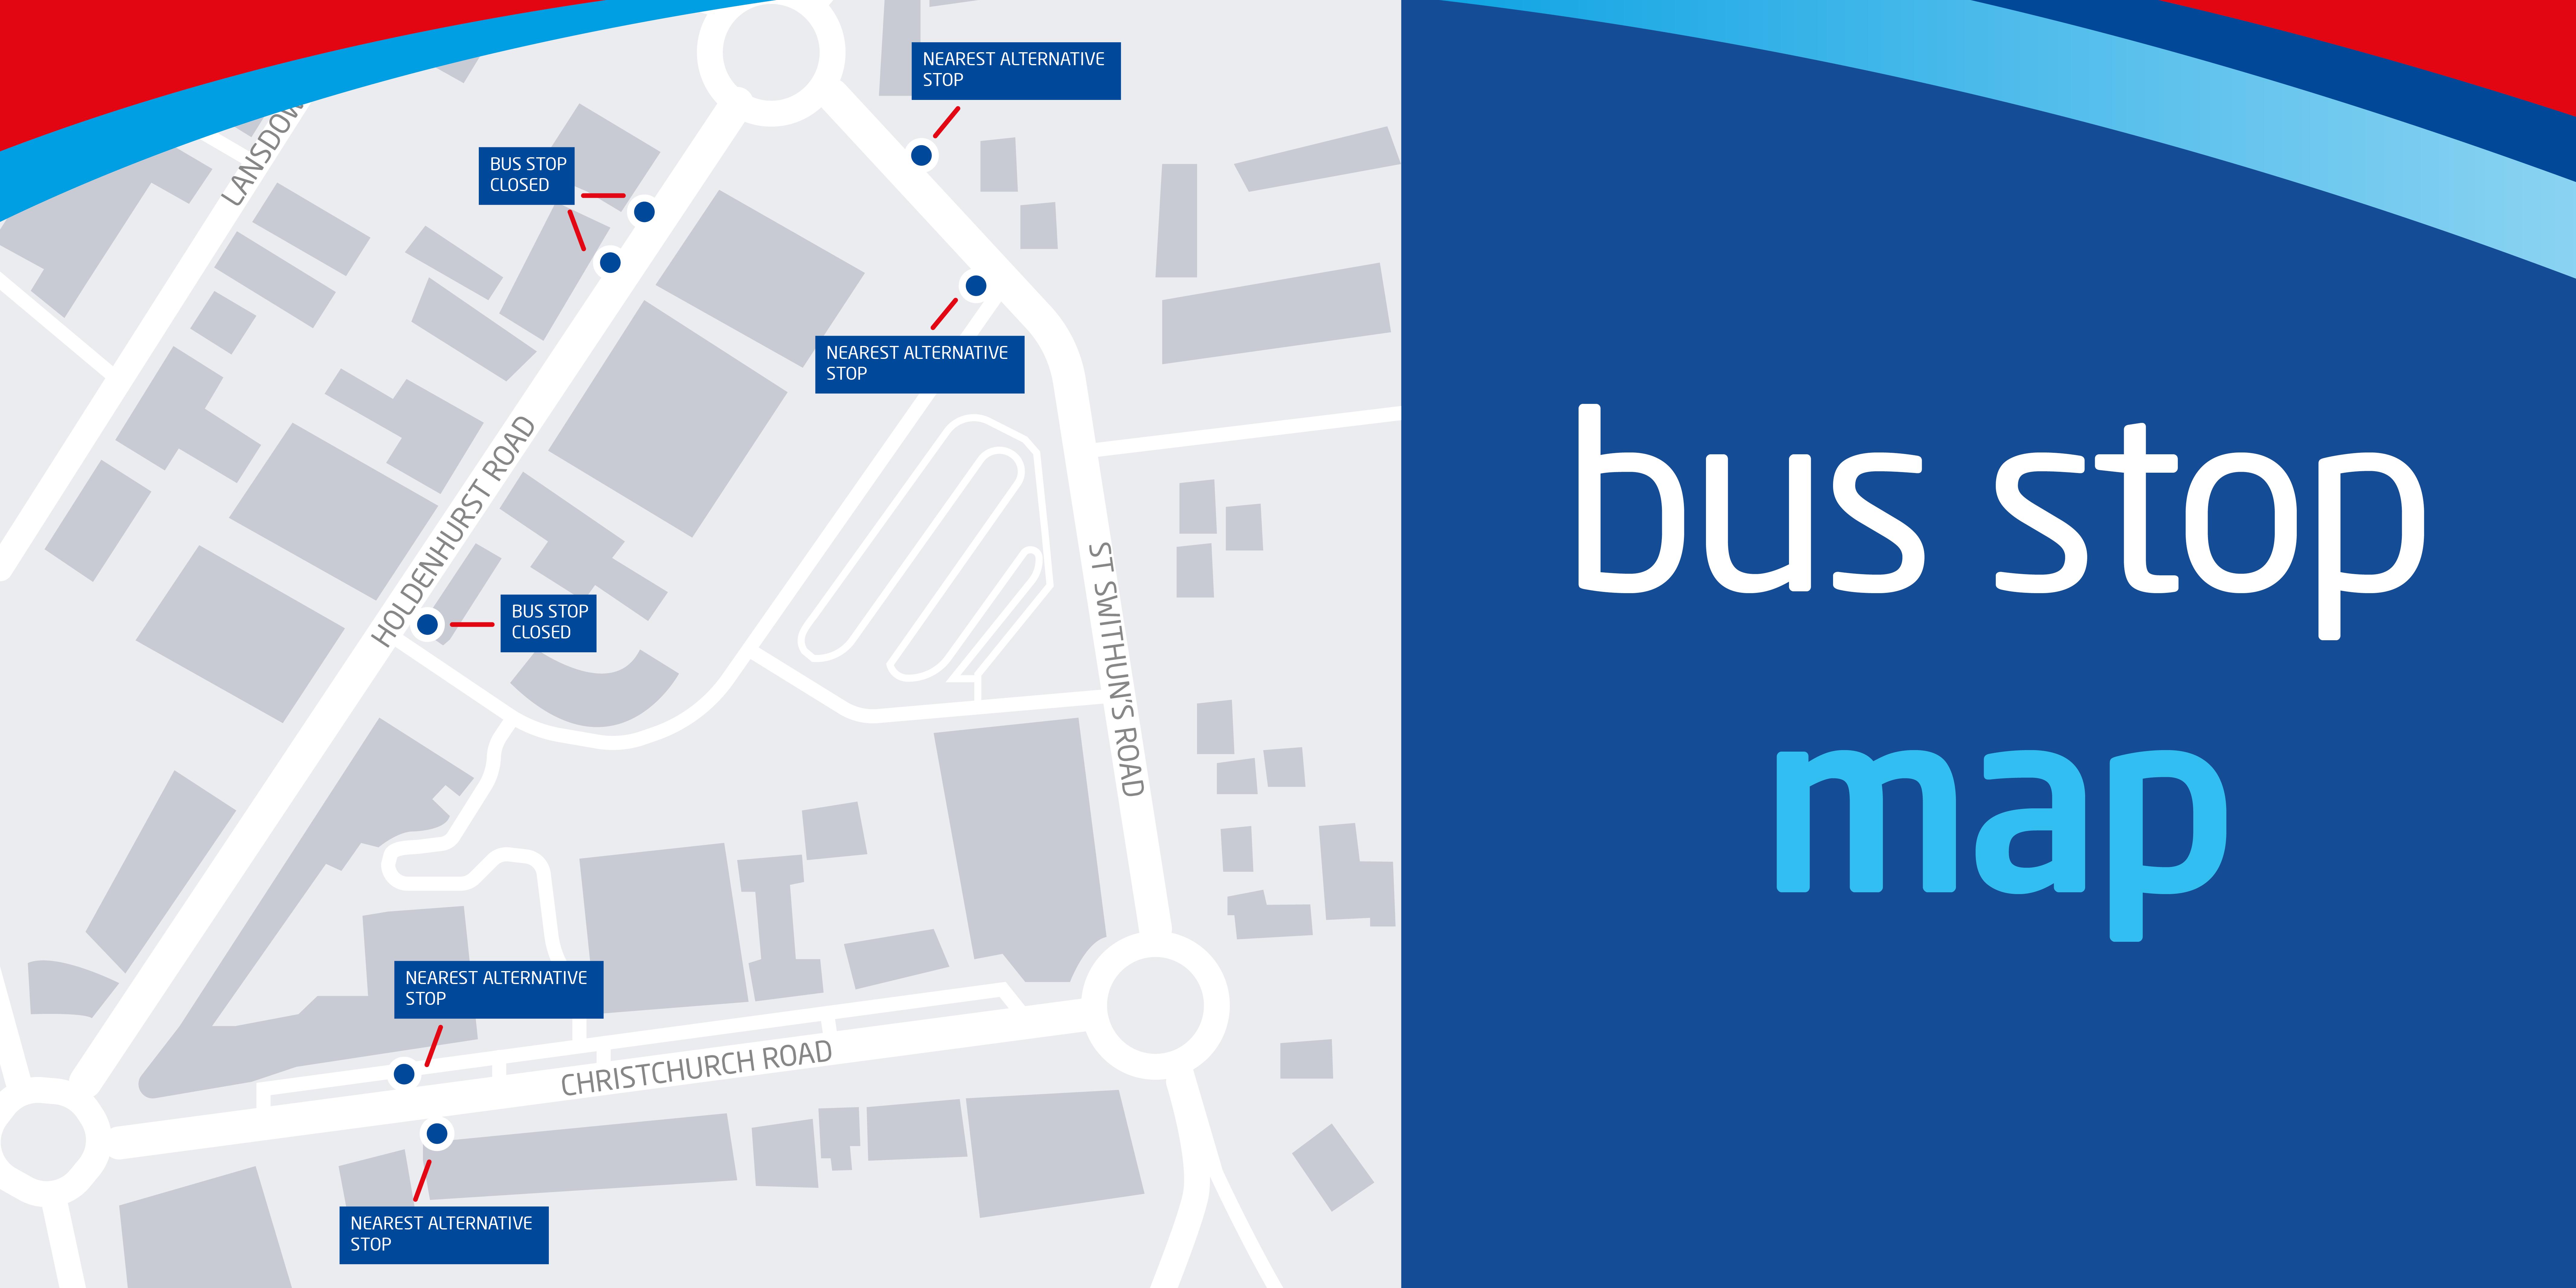 bus stop map for holdenhurst road